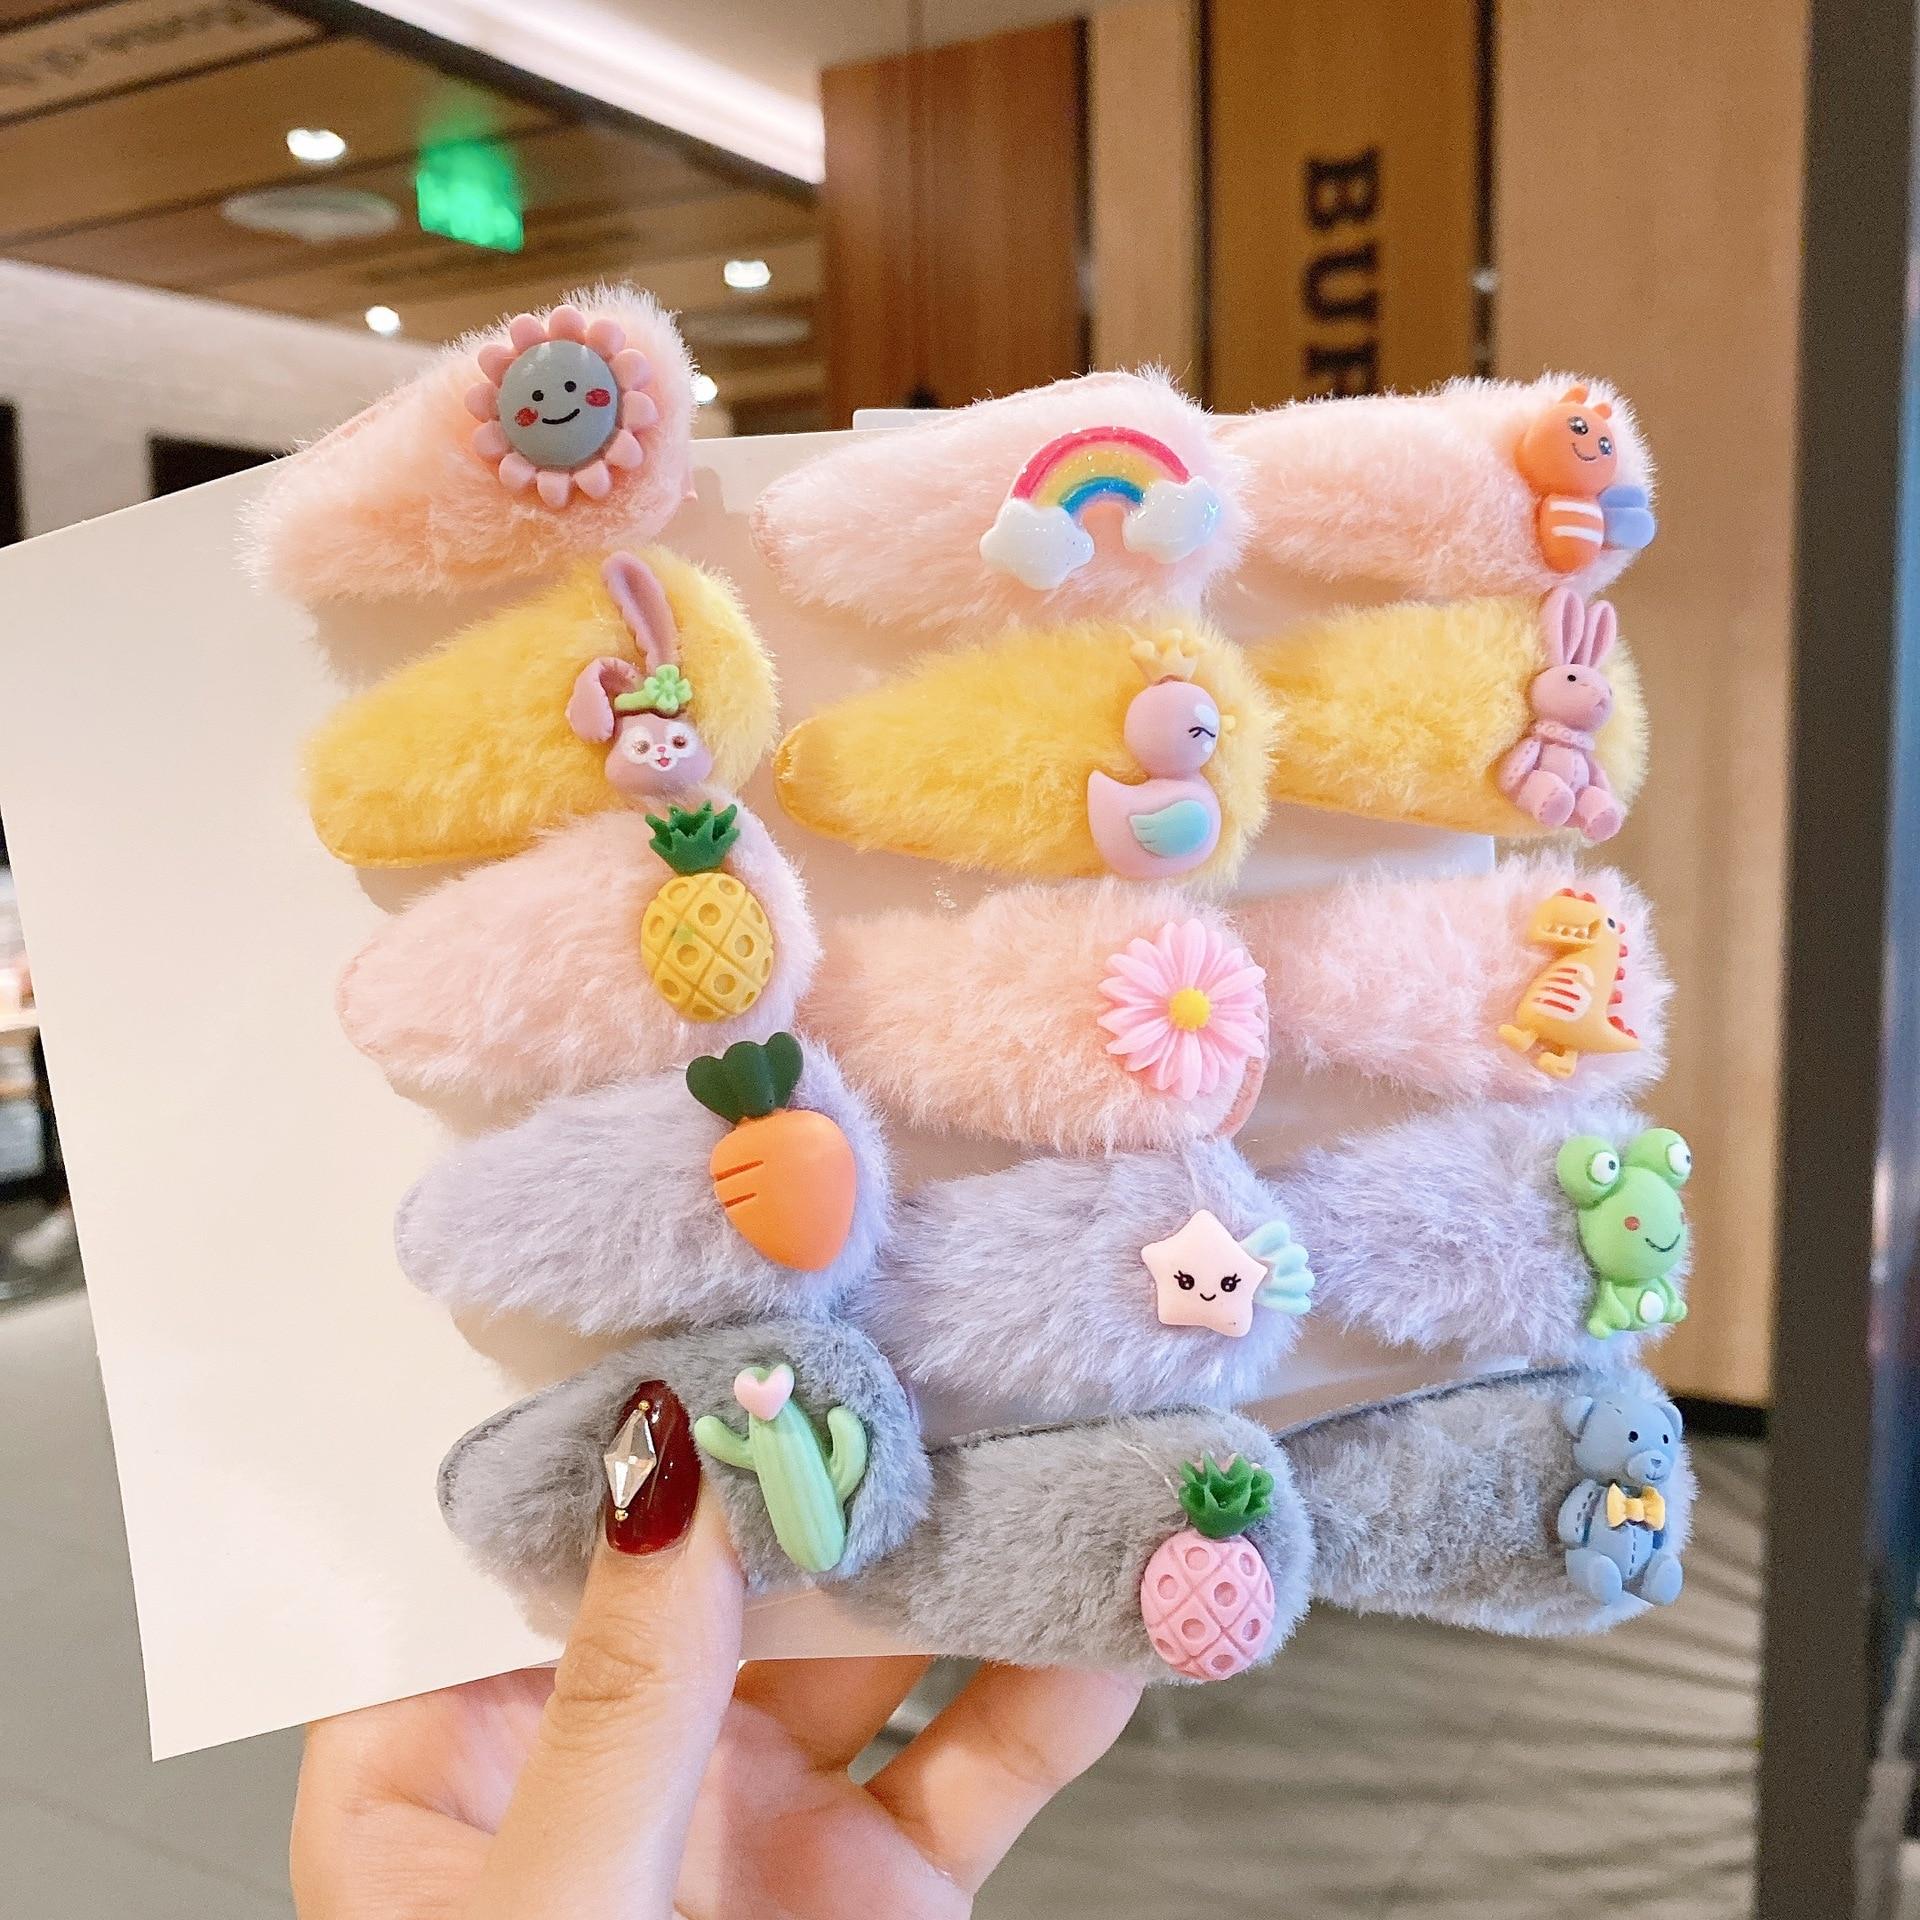 5 шт./компл. прошитой подошве; Теплые зимние плюшевые тапочки для малышей, заколка для волос, Детский подарок для девочек детские заколки для ...